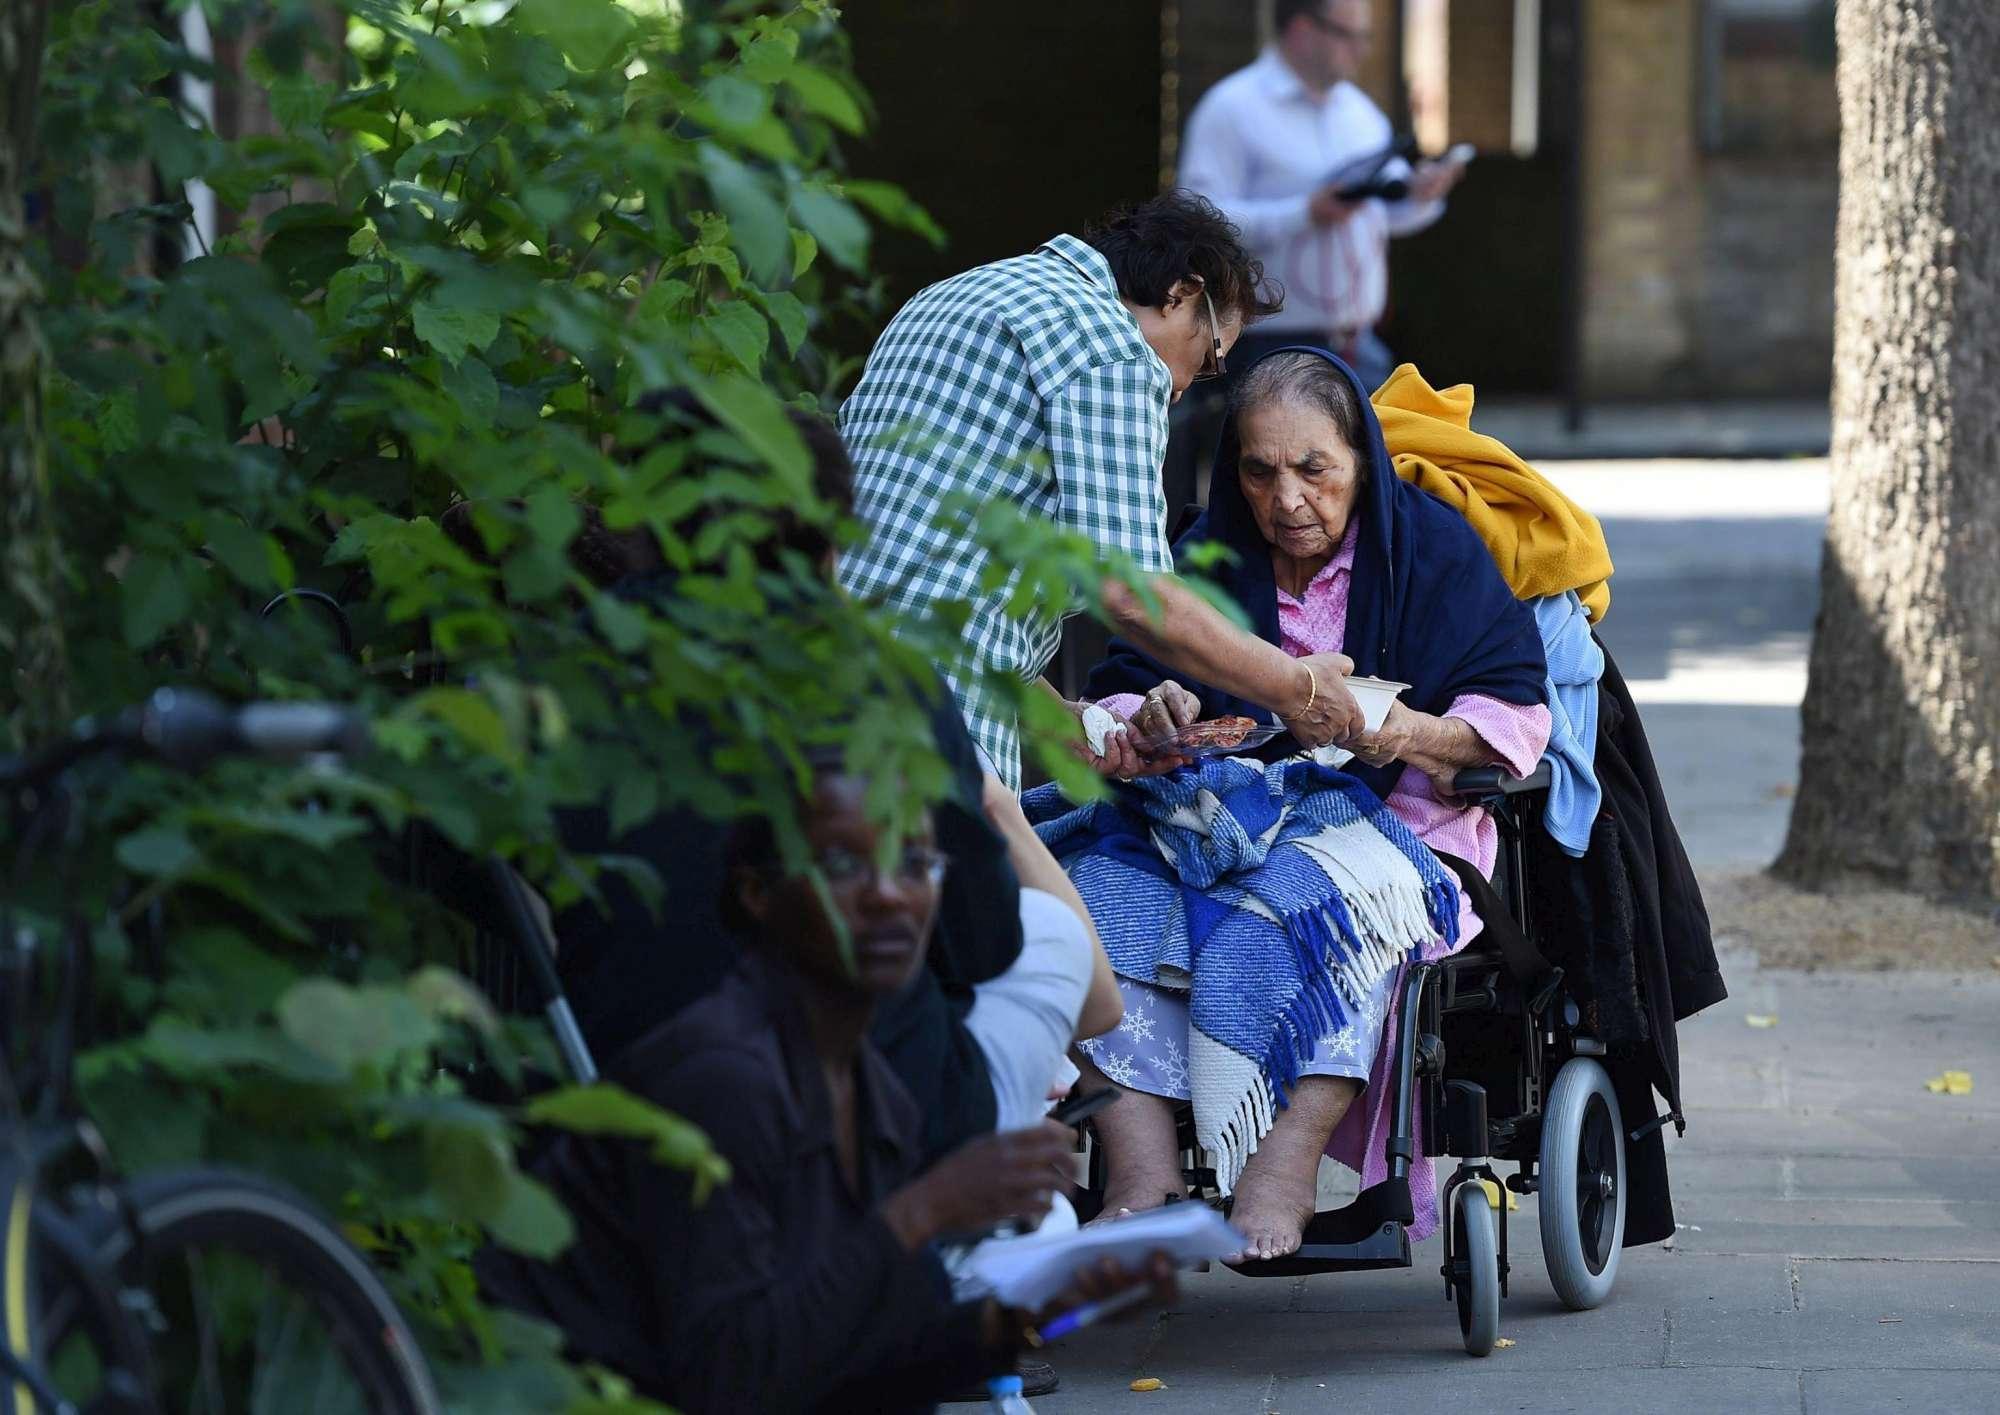 I sopravvissuti, i familiari, gli amici e i volontari: facce e lacrime sotto la torre dopo il rogo di Londra